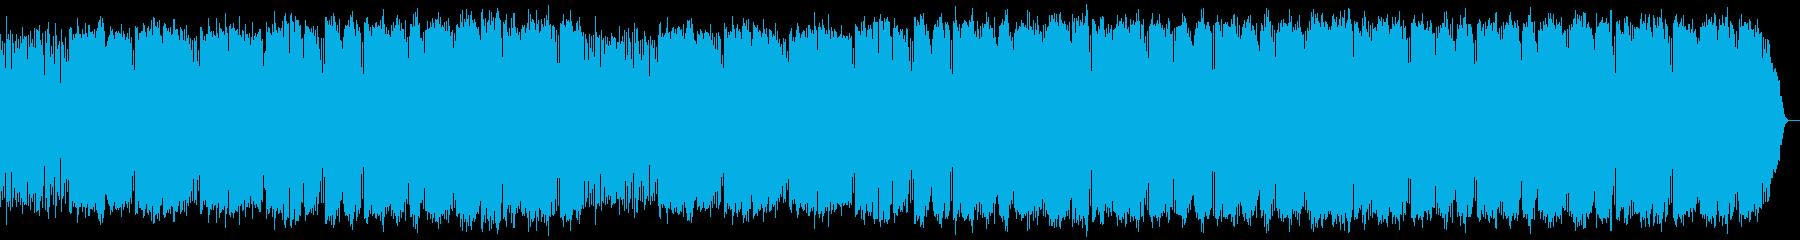 アコギで刻むリズムの中語る様なSAX演奏の再生済みの波形